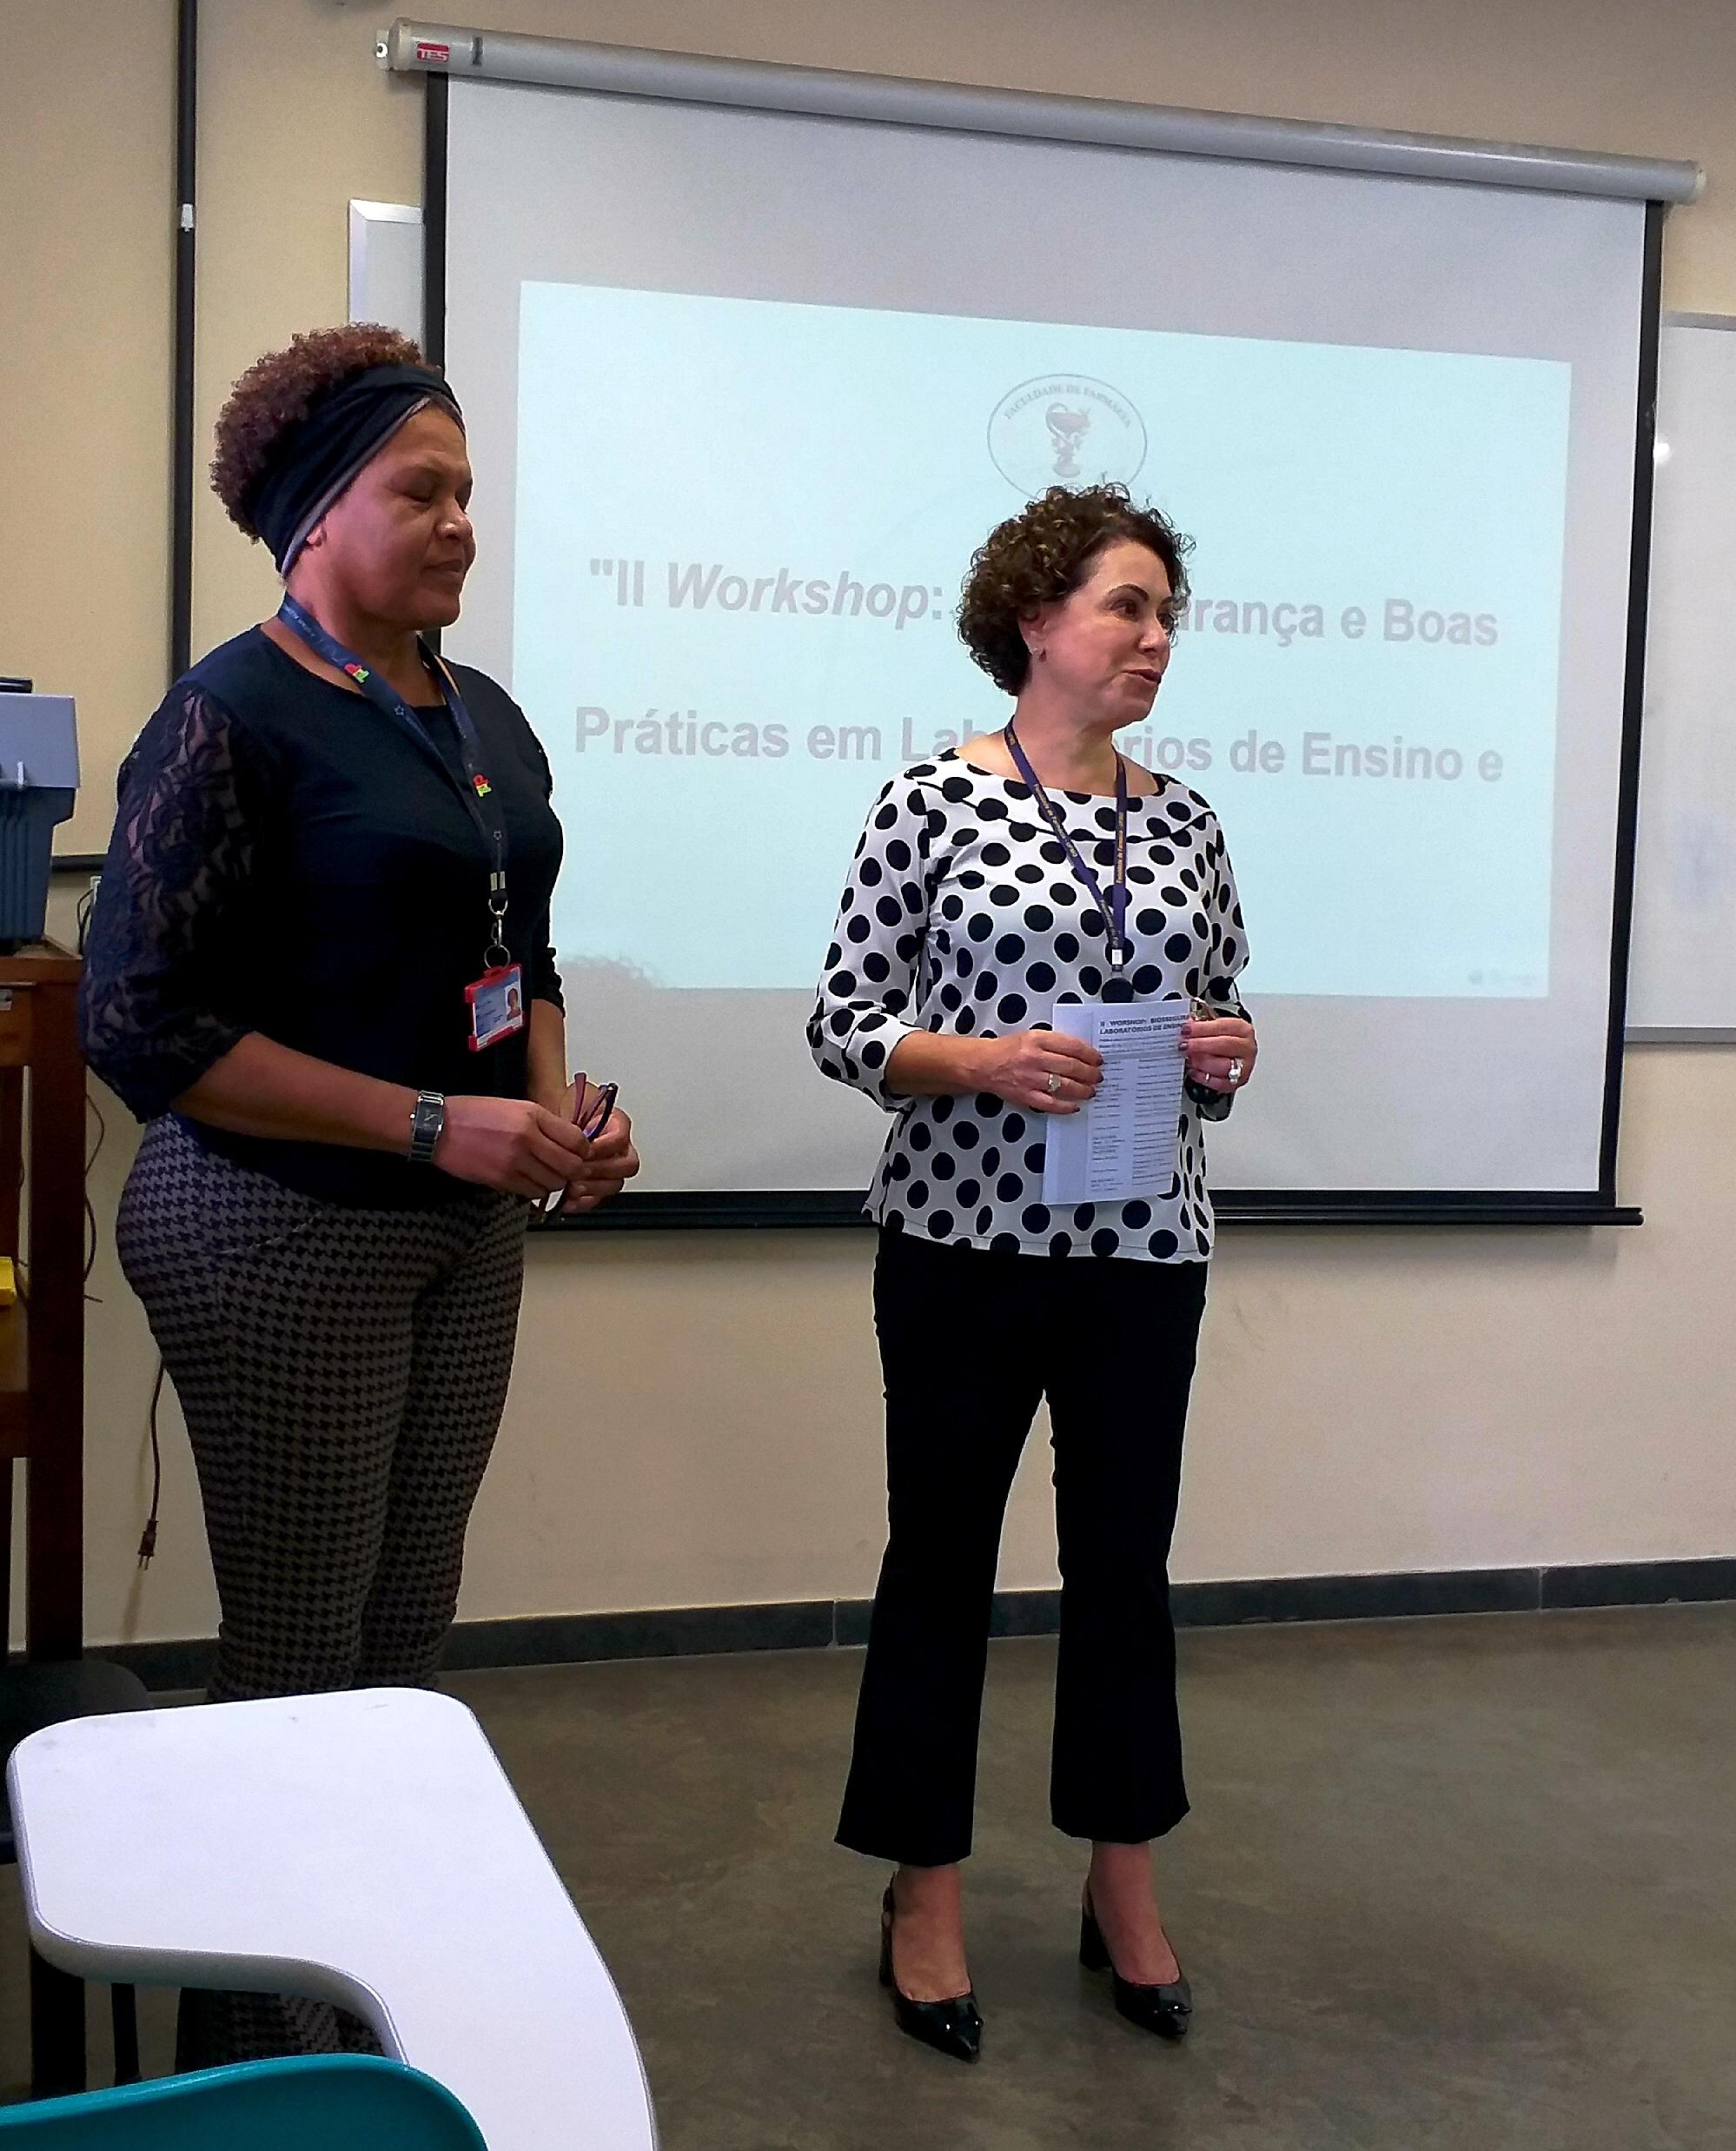 Foto 01 - Abertura Diretora Profa. Leiliane e Bióloga Mardeleine VET-UFMG